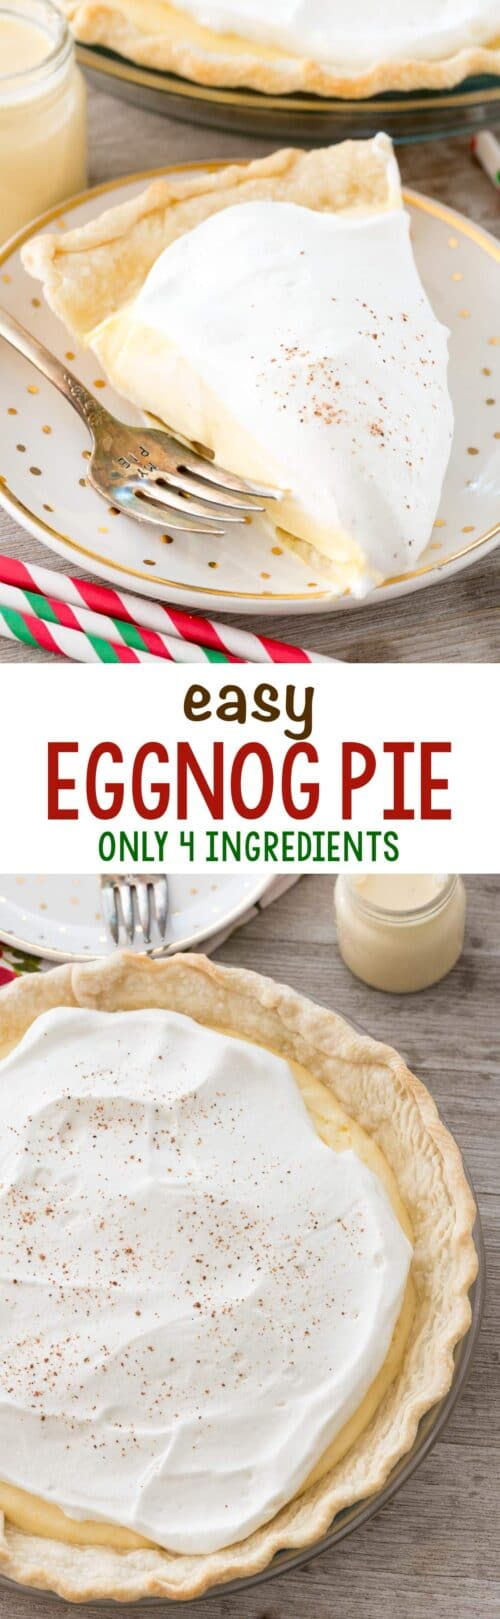 eggnog pie photos